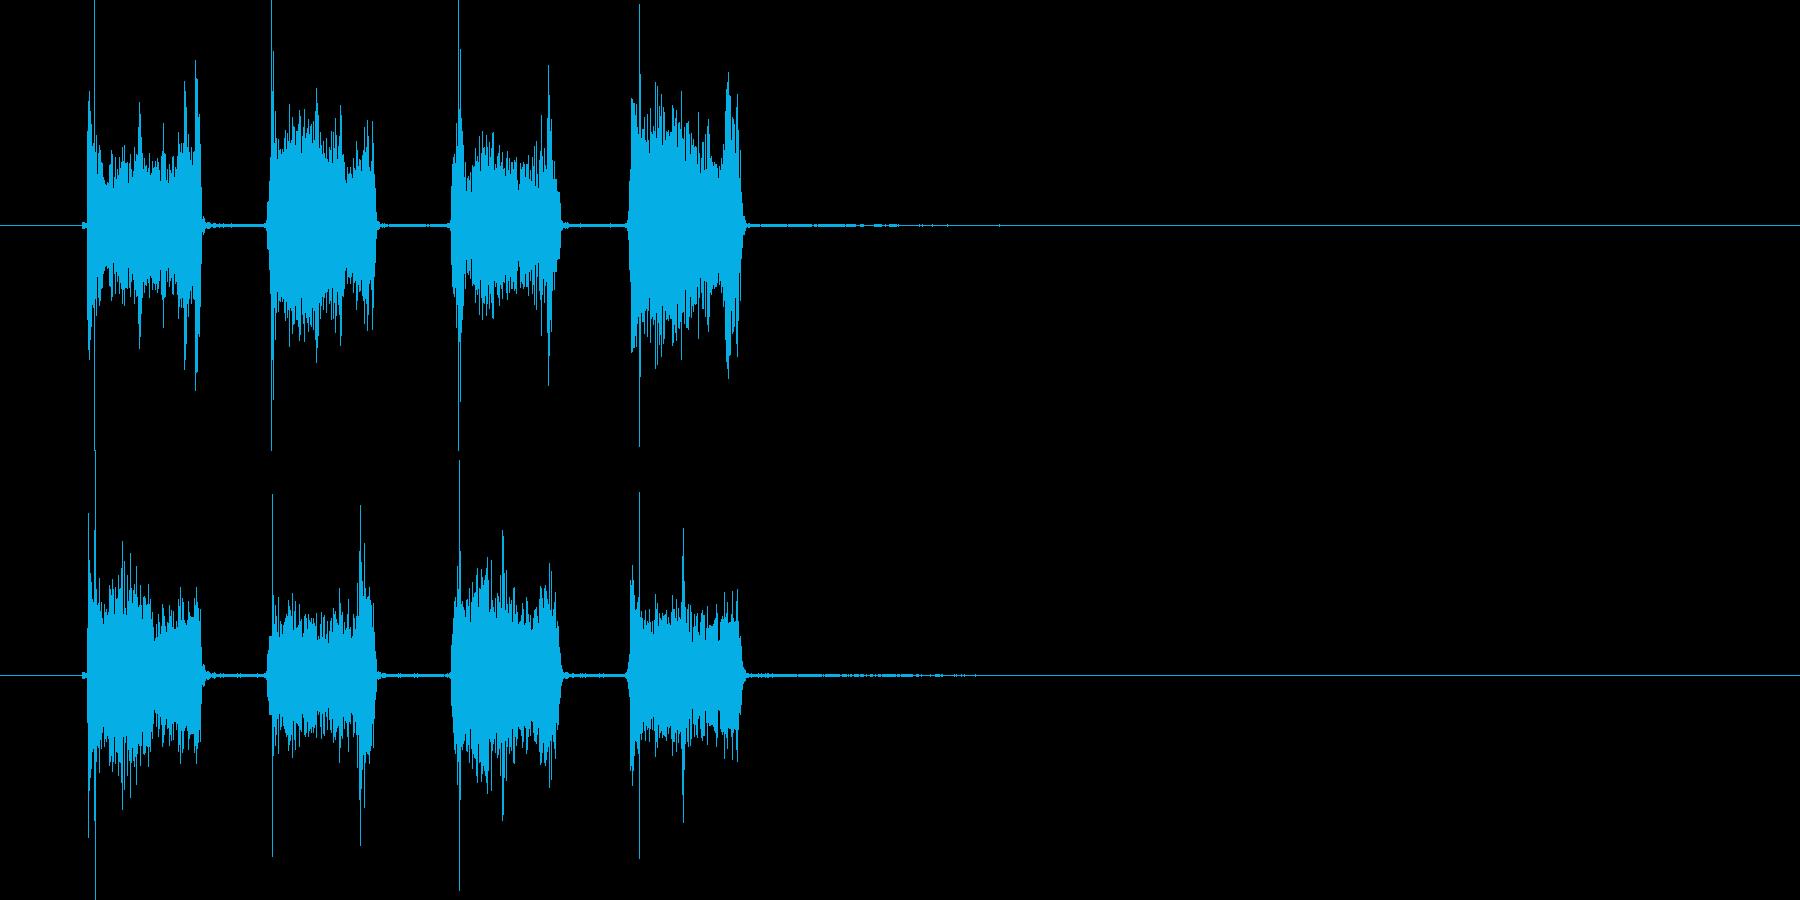 タッタッタッタッ(音が上がる効果音)の再生済みの波形